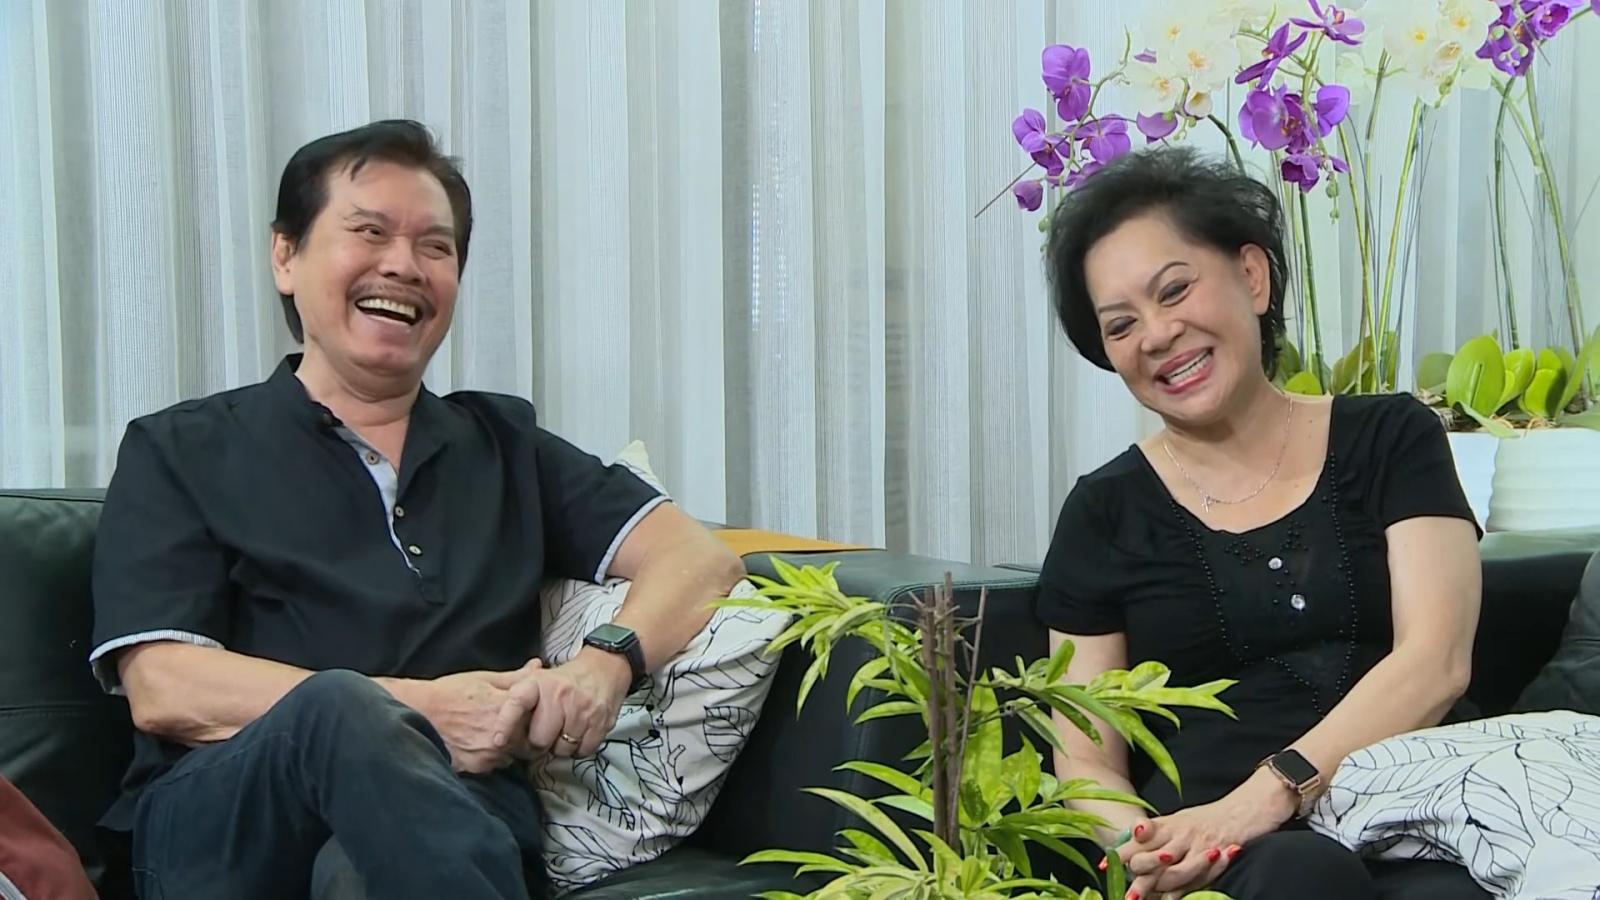 Ca sĩ Giao Linh tiết lộ biến cố dẫn đến việc không thể có con